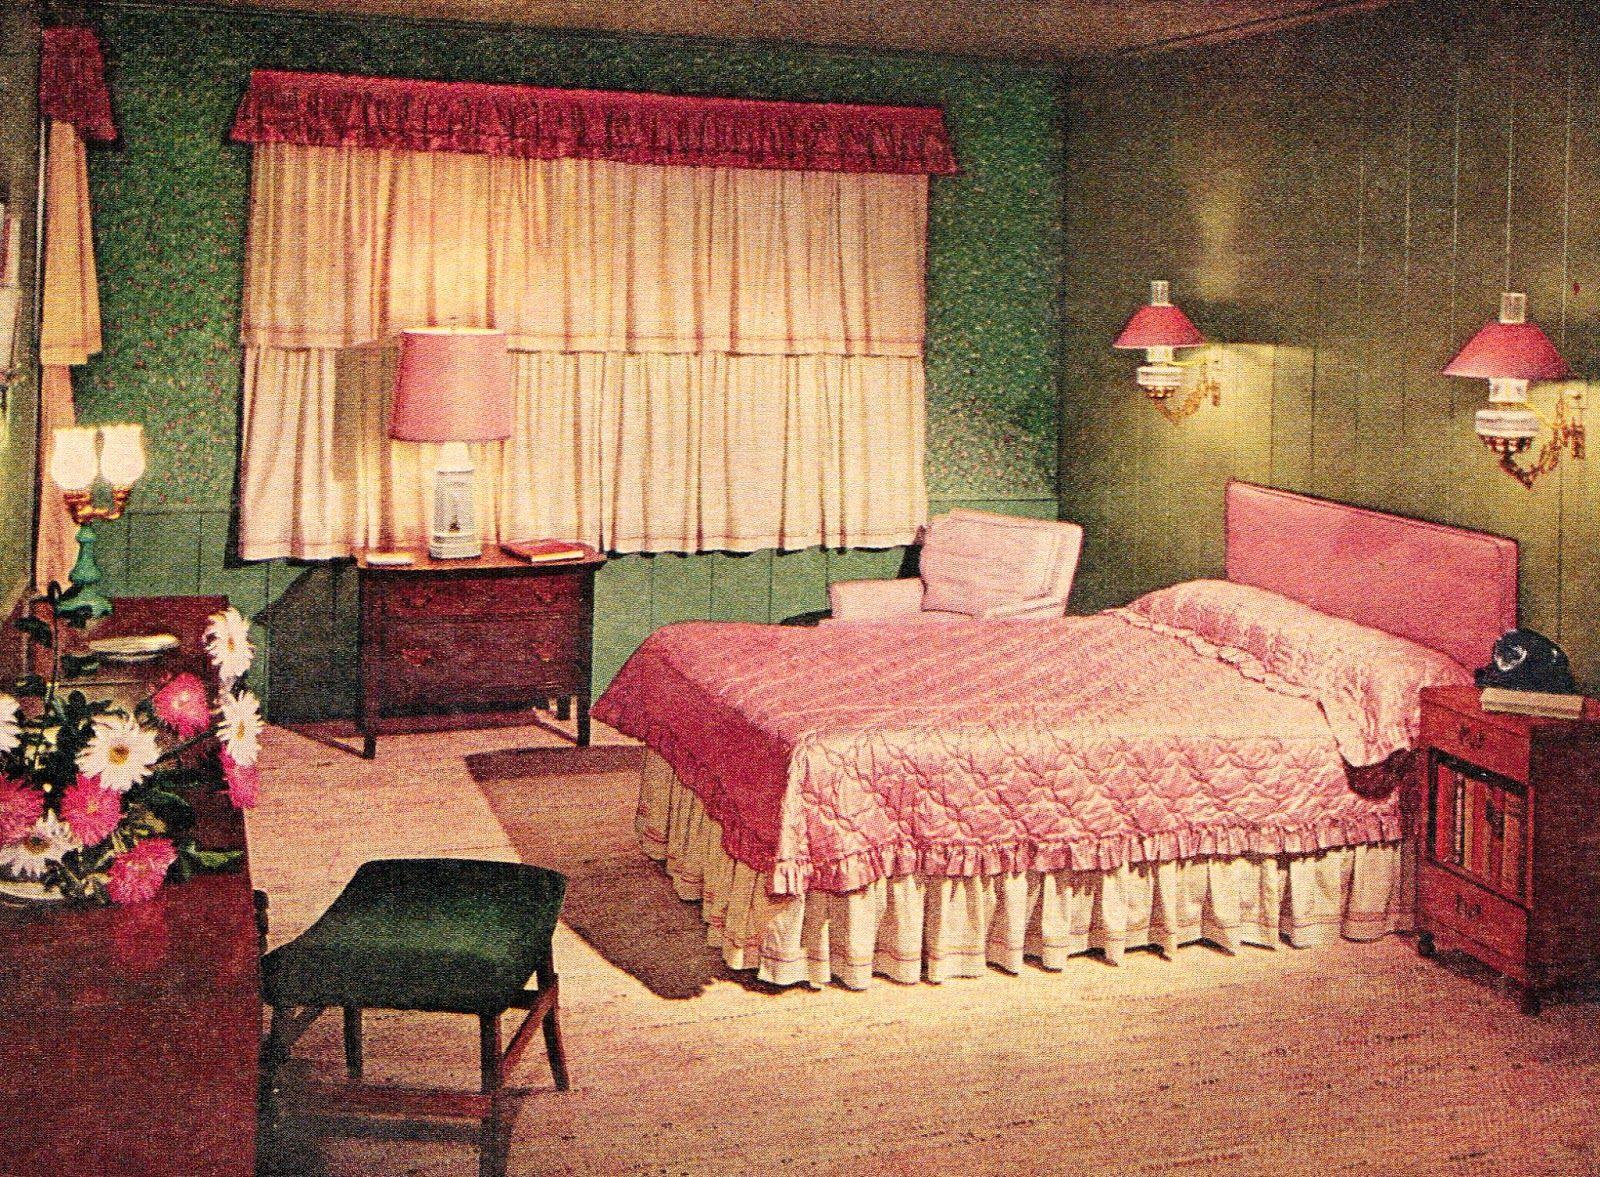 Retro Bedroom Mid Century Bedroom Retro Renovation Bedroom Bedroom Makeover 1950s Bedroom Retro Realt Retro Bedrooms Vintage Bedroom Decor Bedroom Vintage